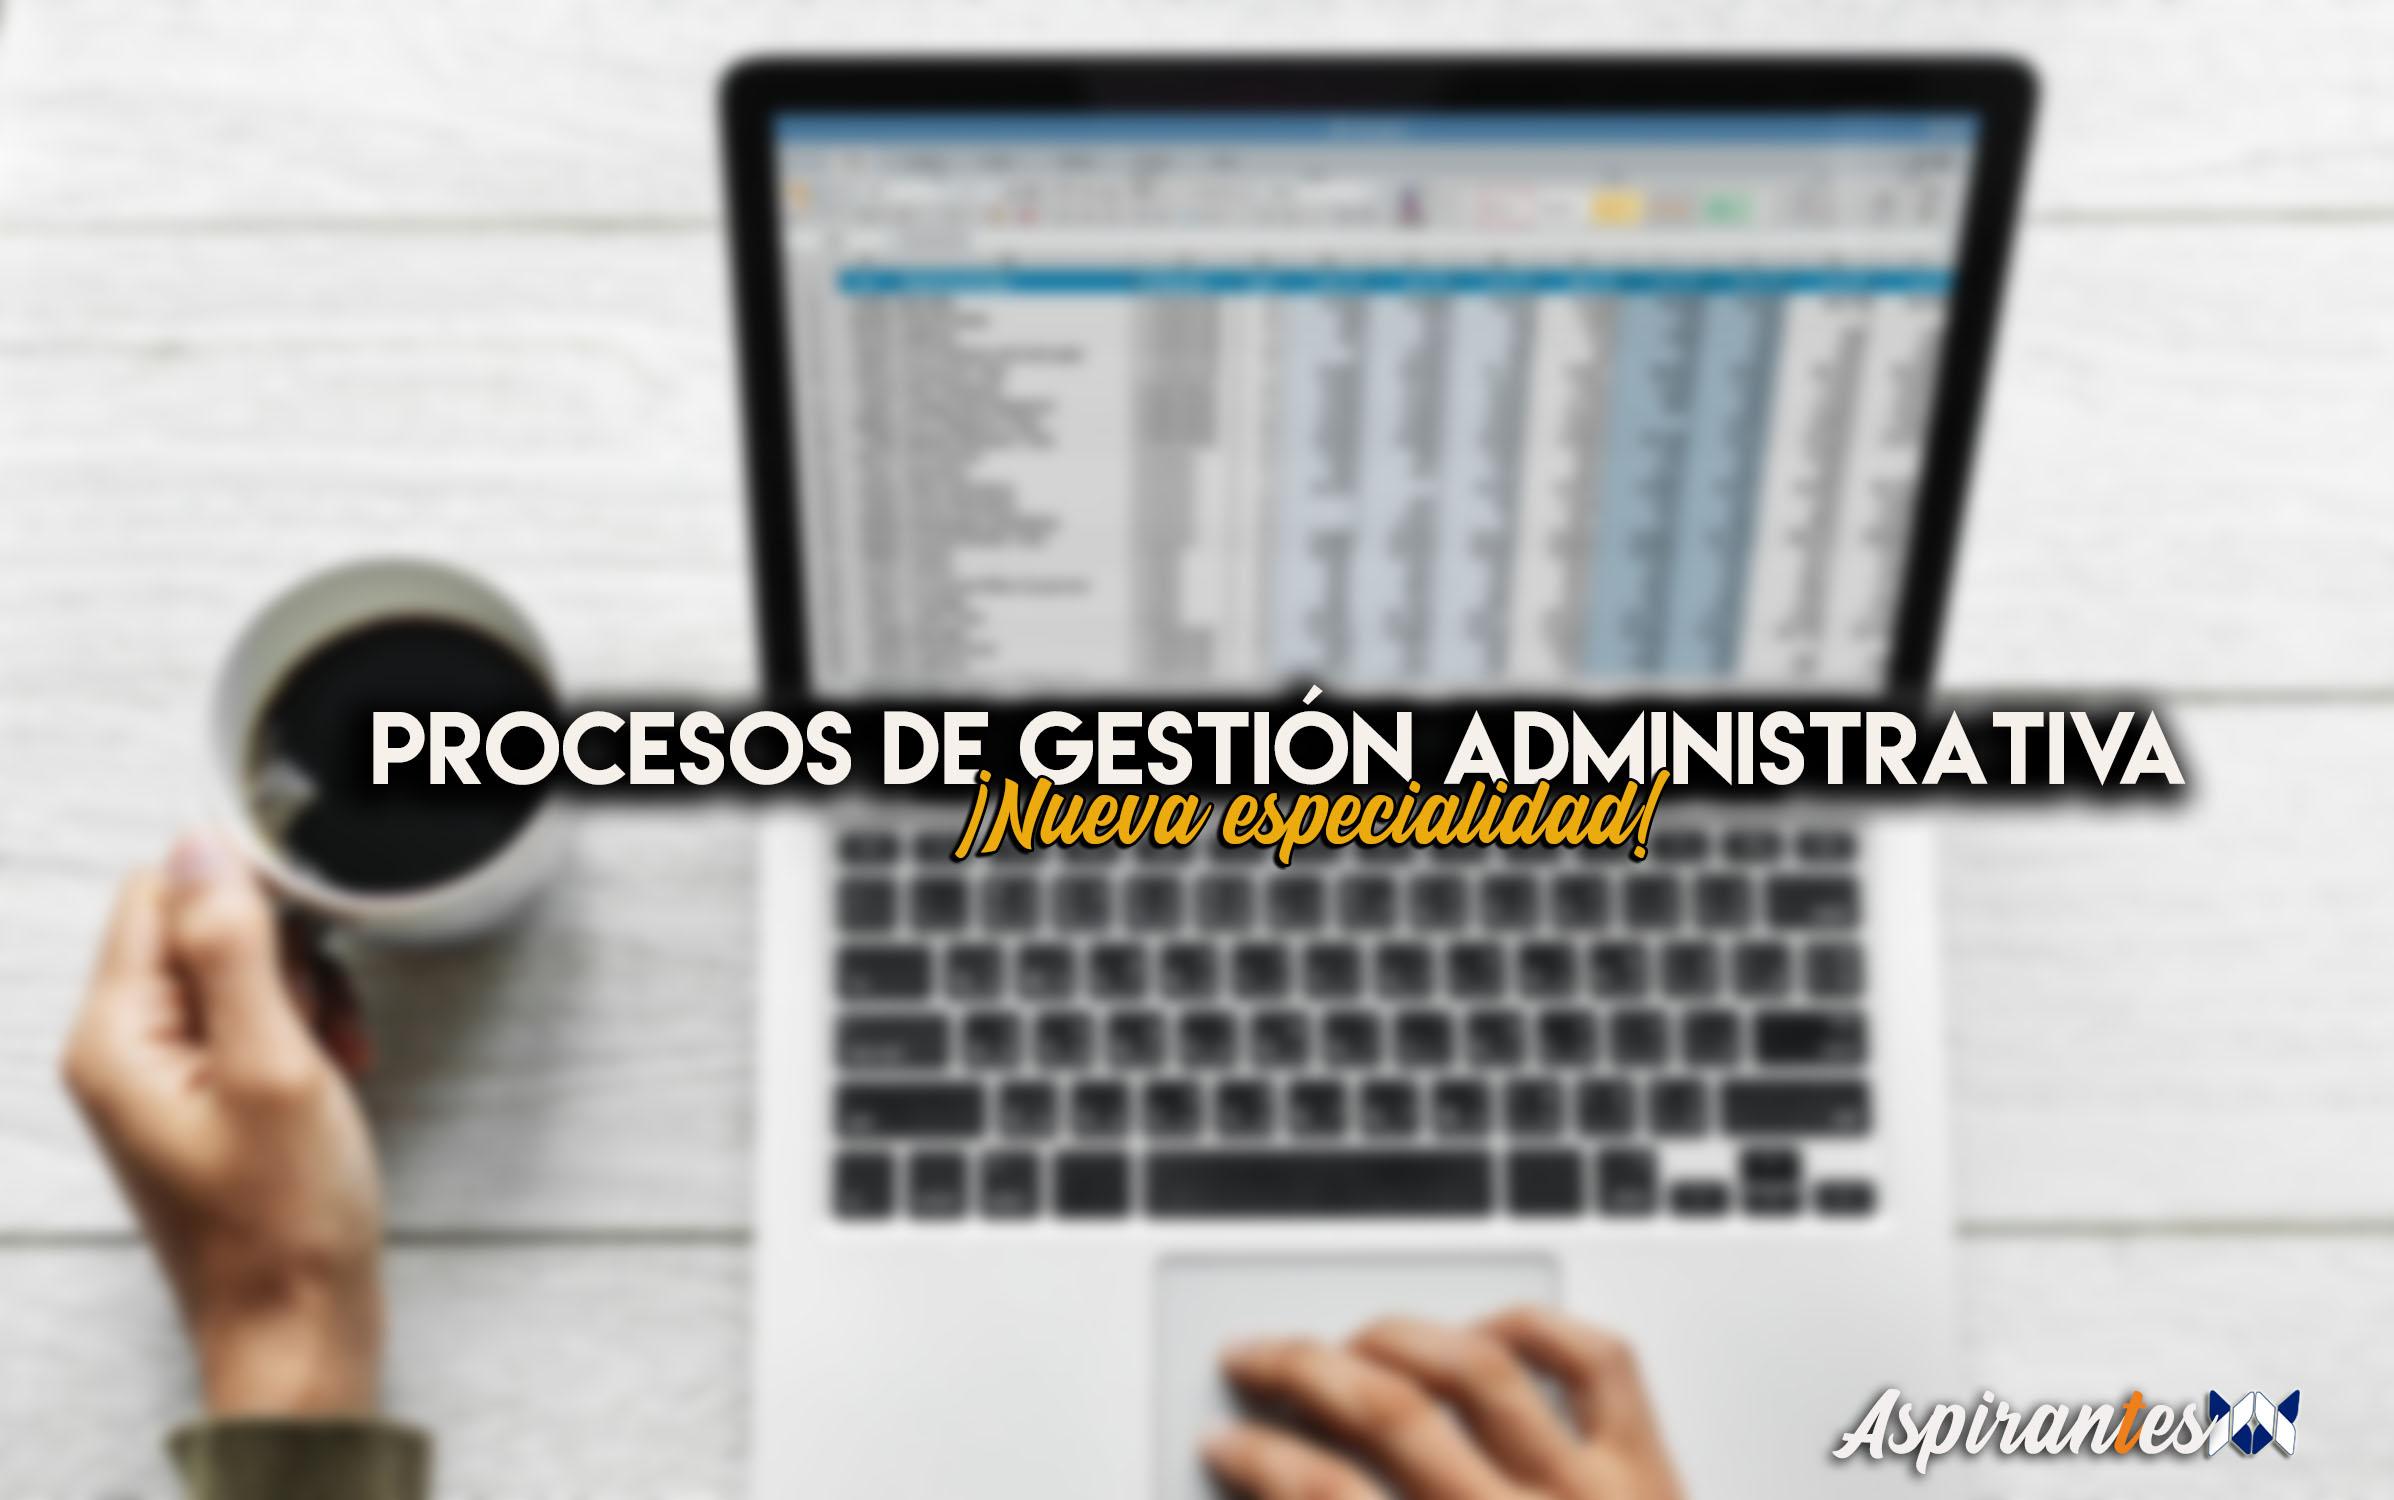 Oposiciones de Procesos de Gestión Administrativa, Ya disponible en TecnosZubia